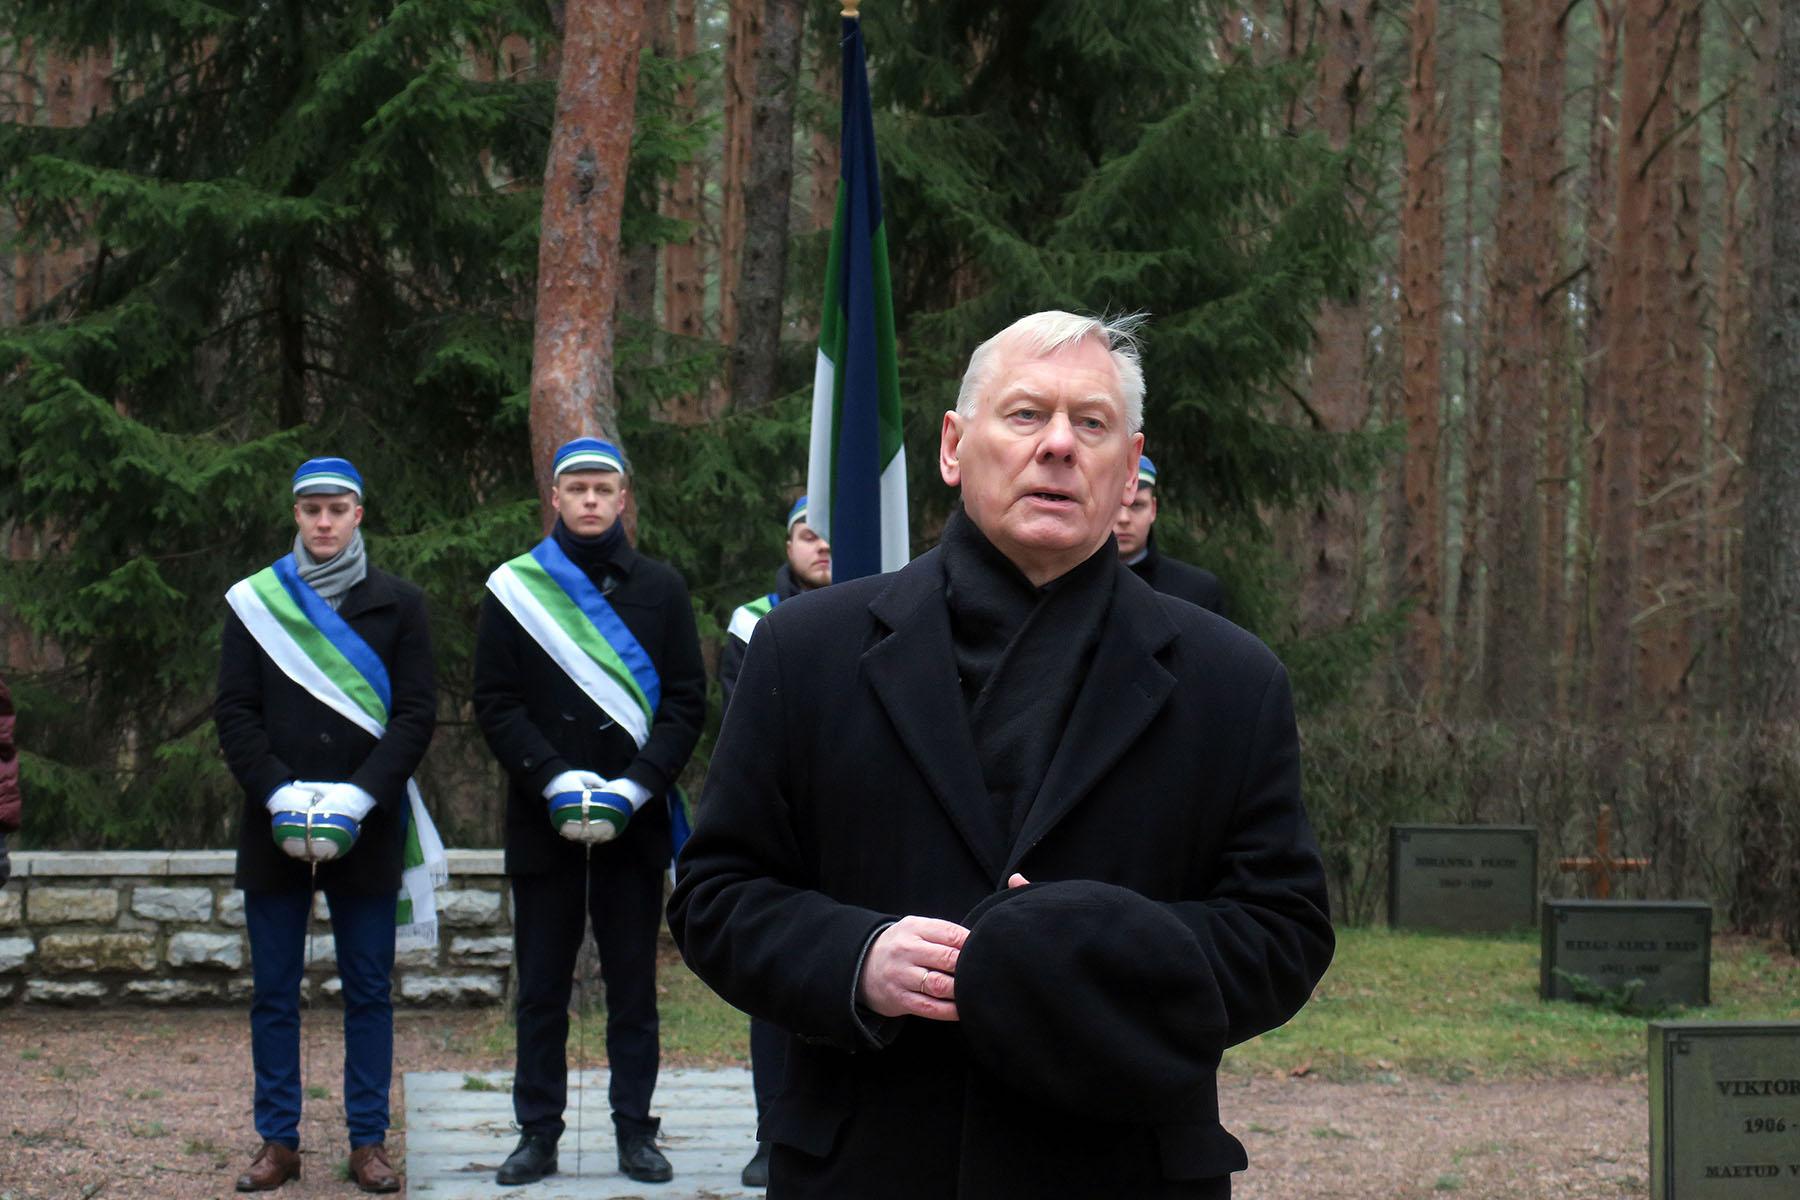 Konstantin Pätsi Muuseumi esimees Trivimi Velliste kõnelemas presidendi surma-aastapäeval 18. jaanuaril tema haual Tallinna Metsakalmistul. Foto H. Tooming